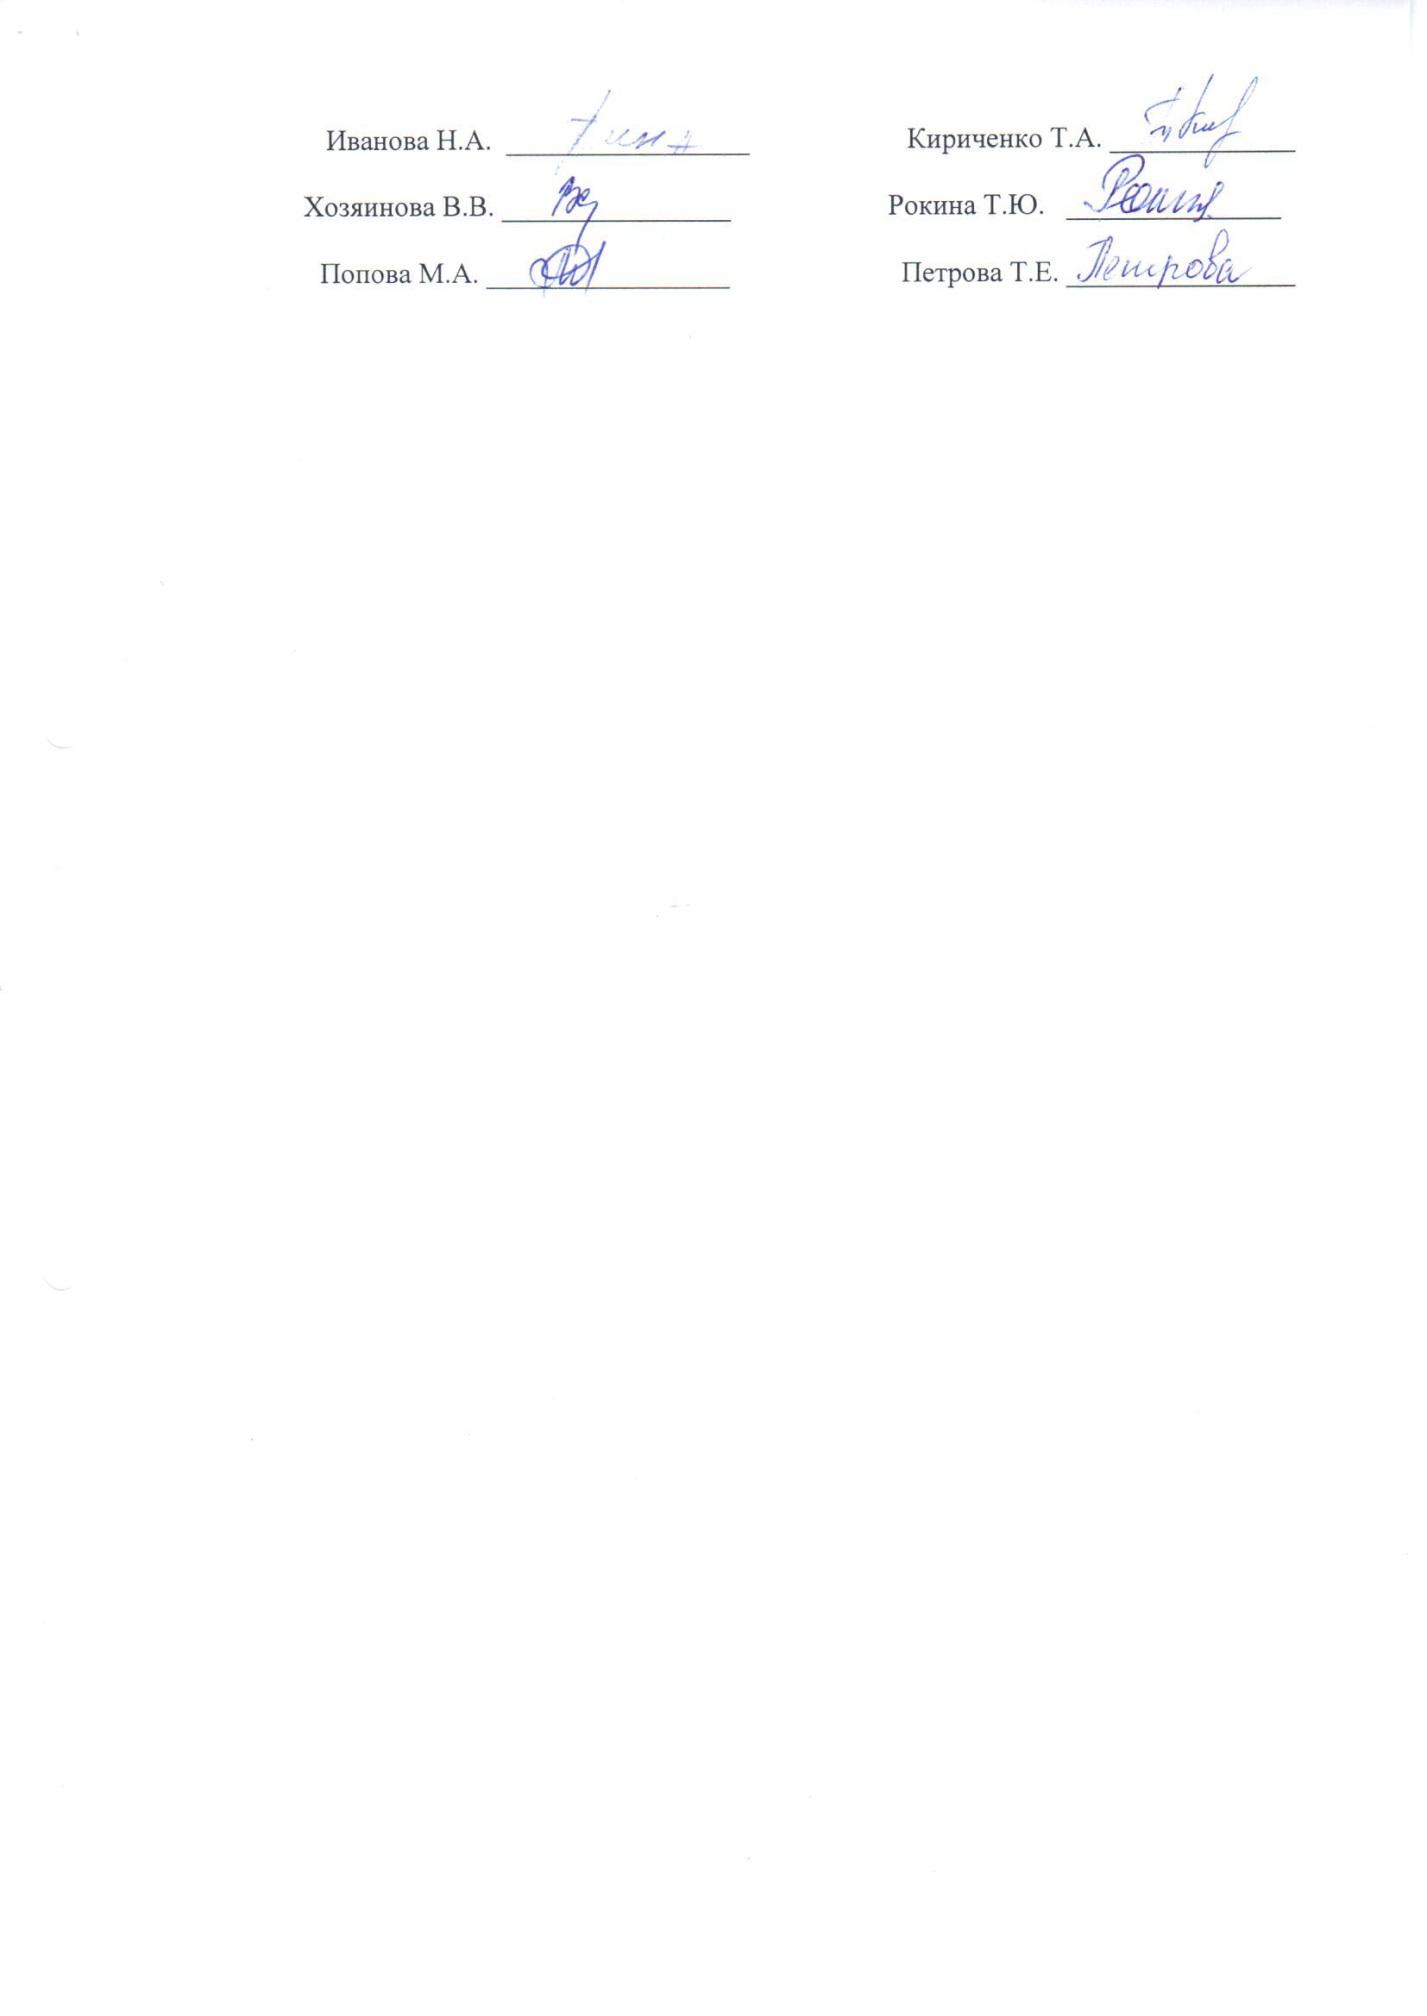 I:\аттестация ИНА\раздел 3. проф. деятельность\Приказ о составе НМС школы. 2.jpg